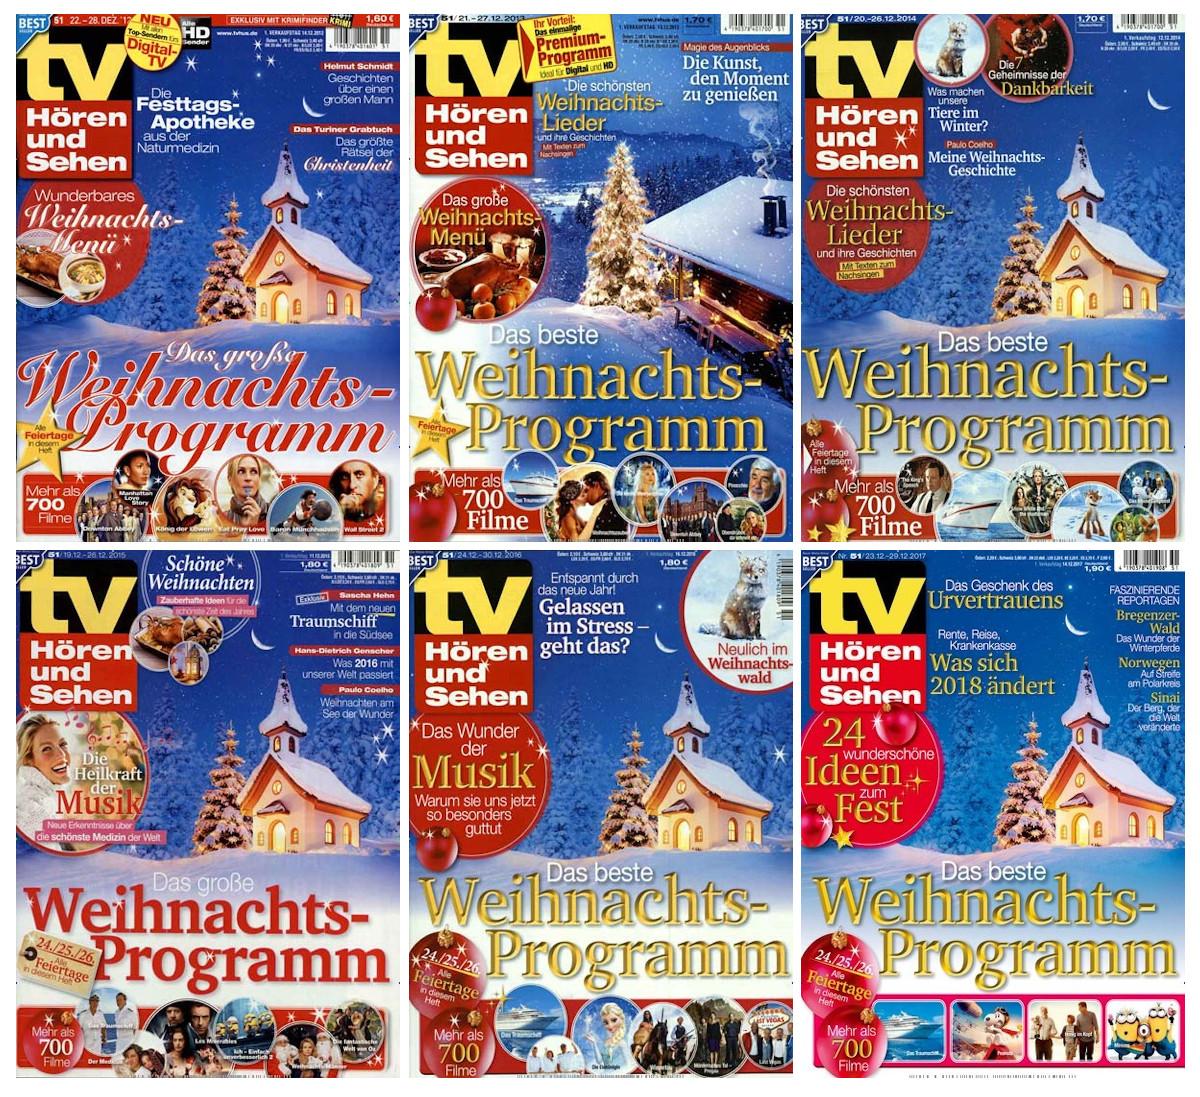 Sechs nahezu identische Titelseiten mit immer derselben Kapelle auf dem Foto, nur 2013 wurde eine andere Kapelle abgebildet.